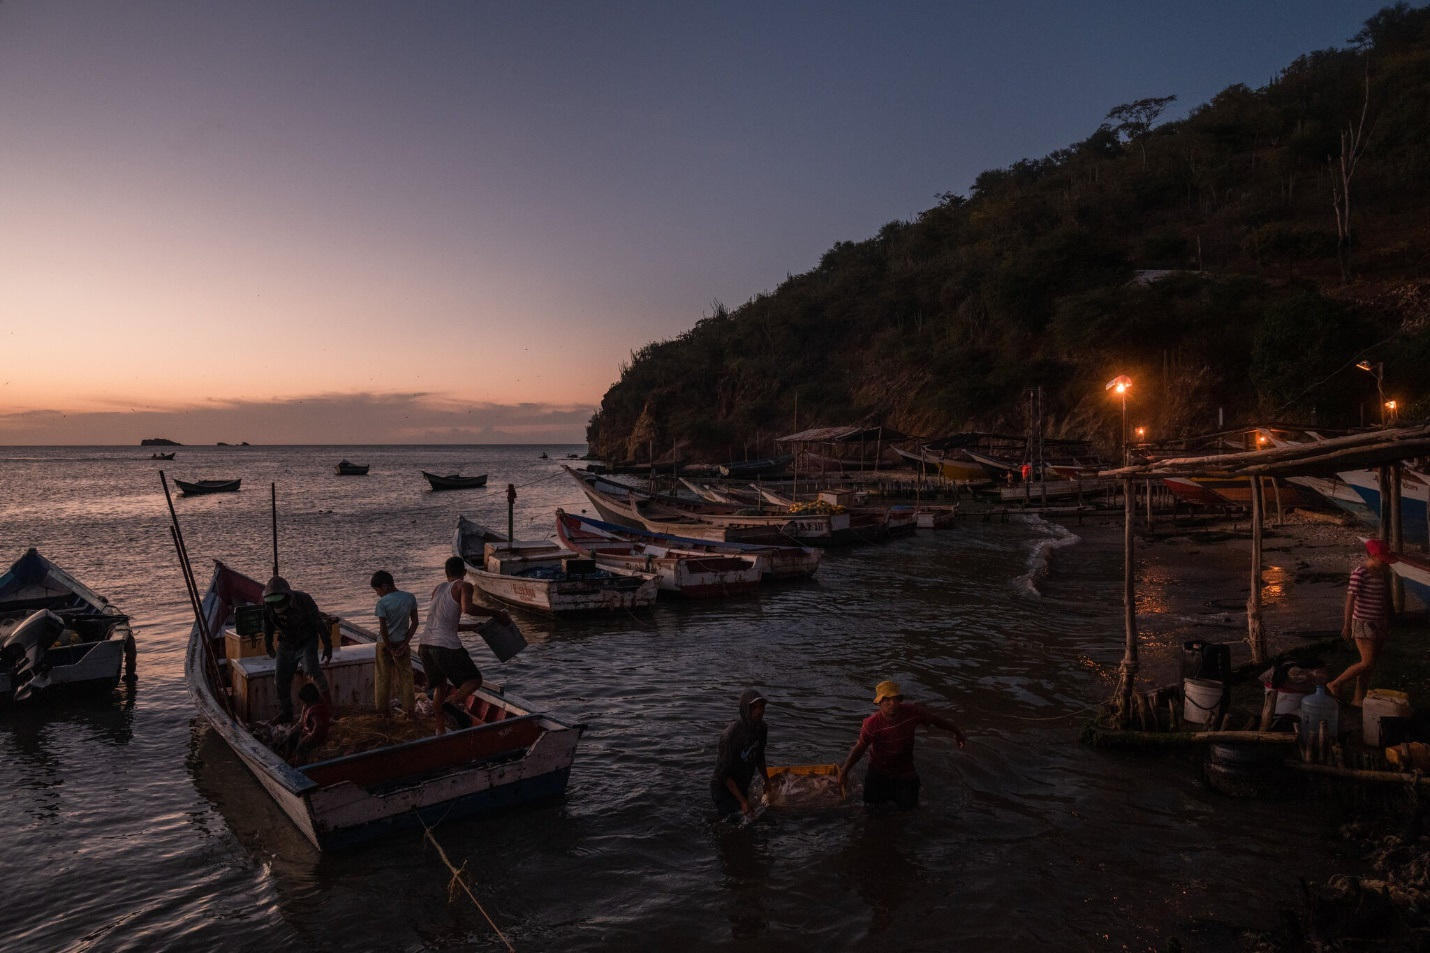 Châu báu bí ẩn liên tục dạt vào bờ biển, người dân đổ xô săn lùng kho báu - 2